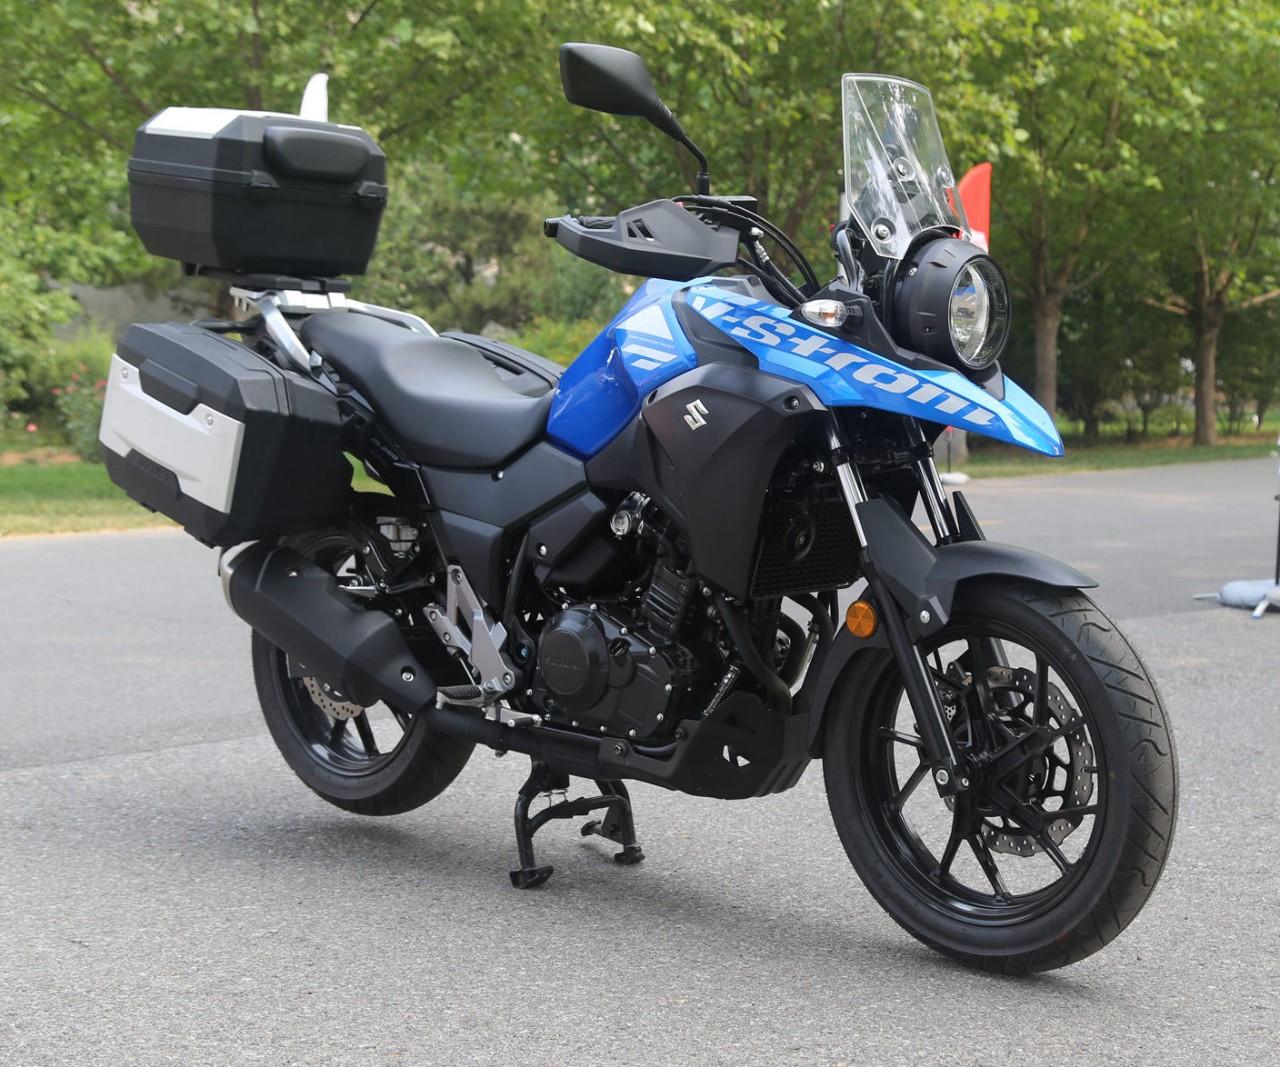 表情 细说豪爵铃木gw250f和dl250之间有哪些差异 豪爵铃木摩托车 导购  表情